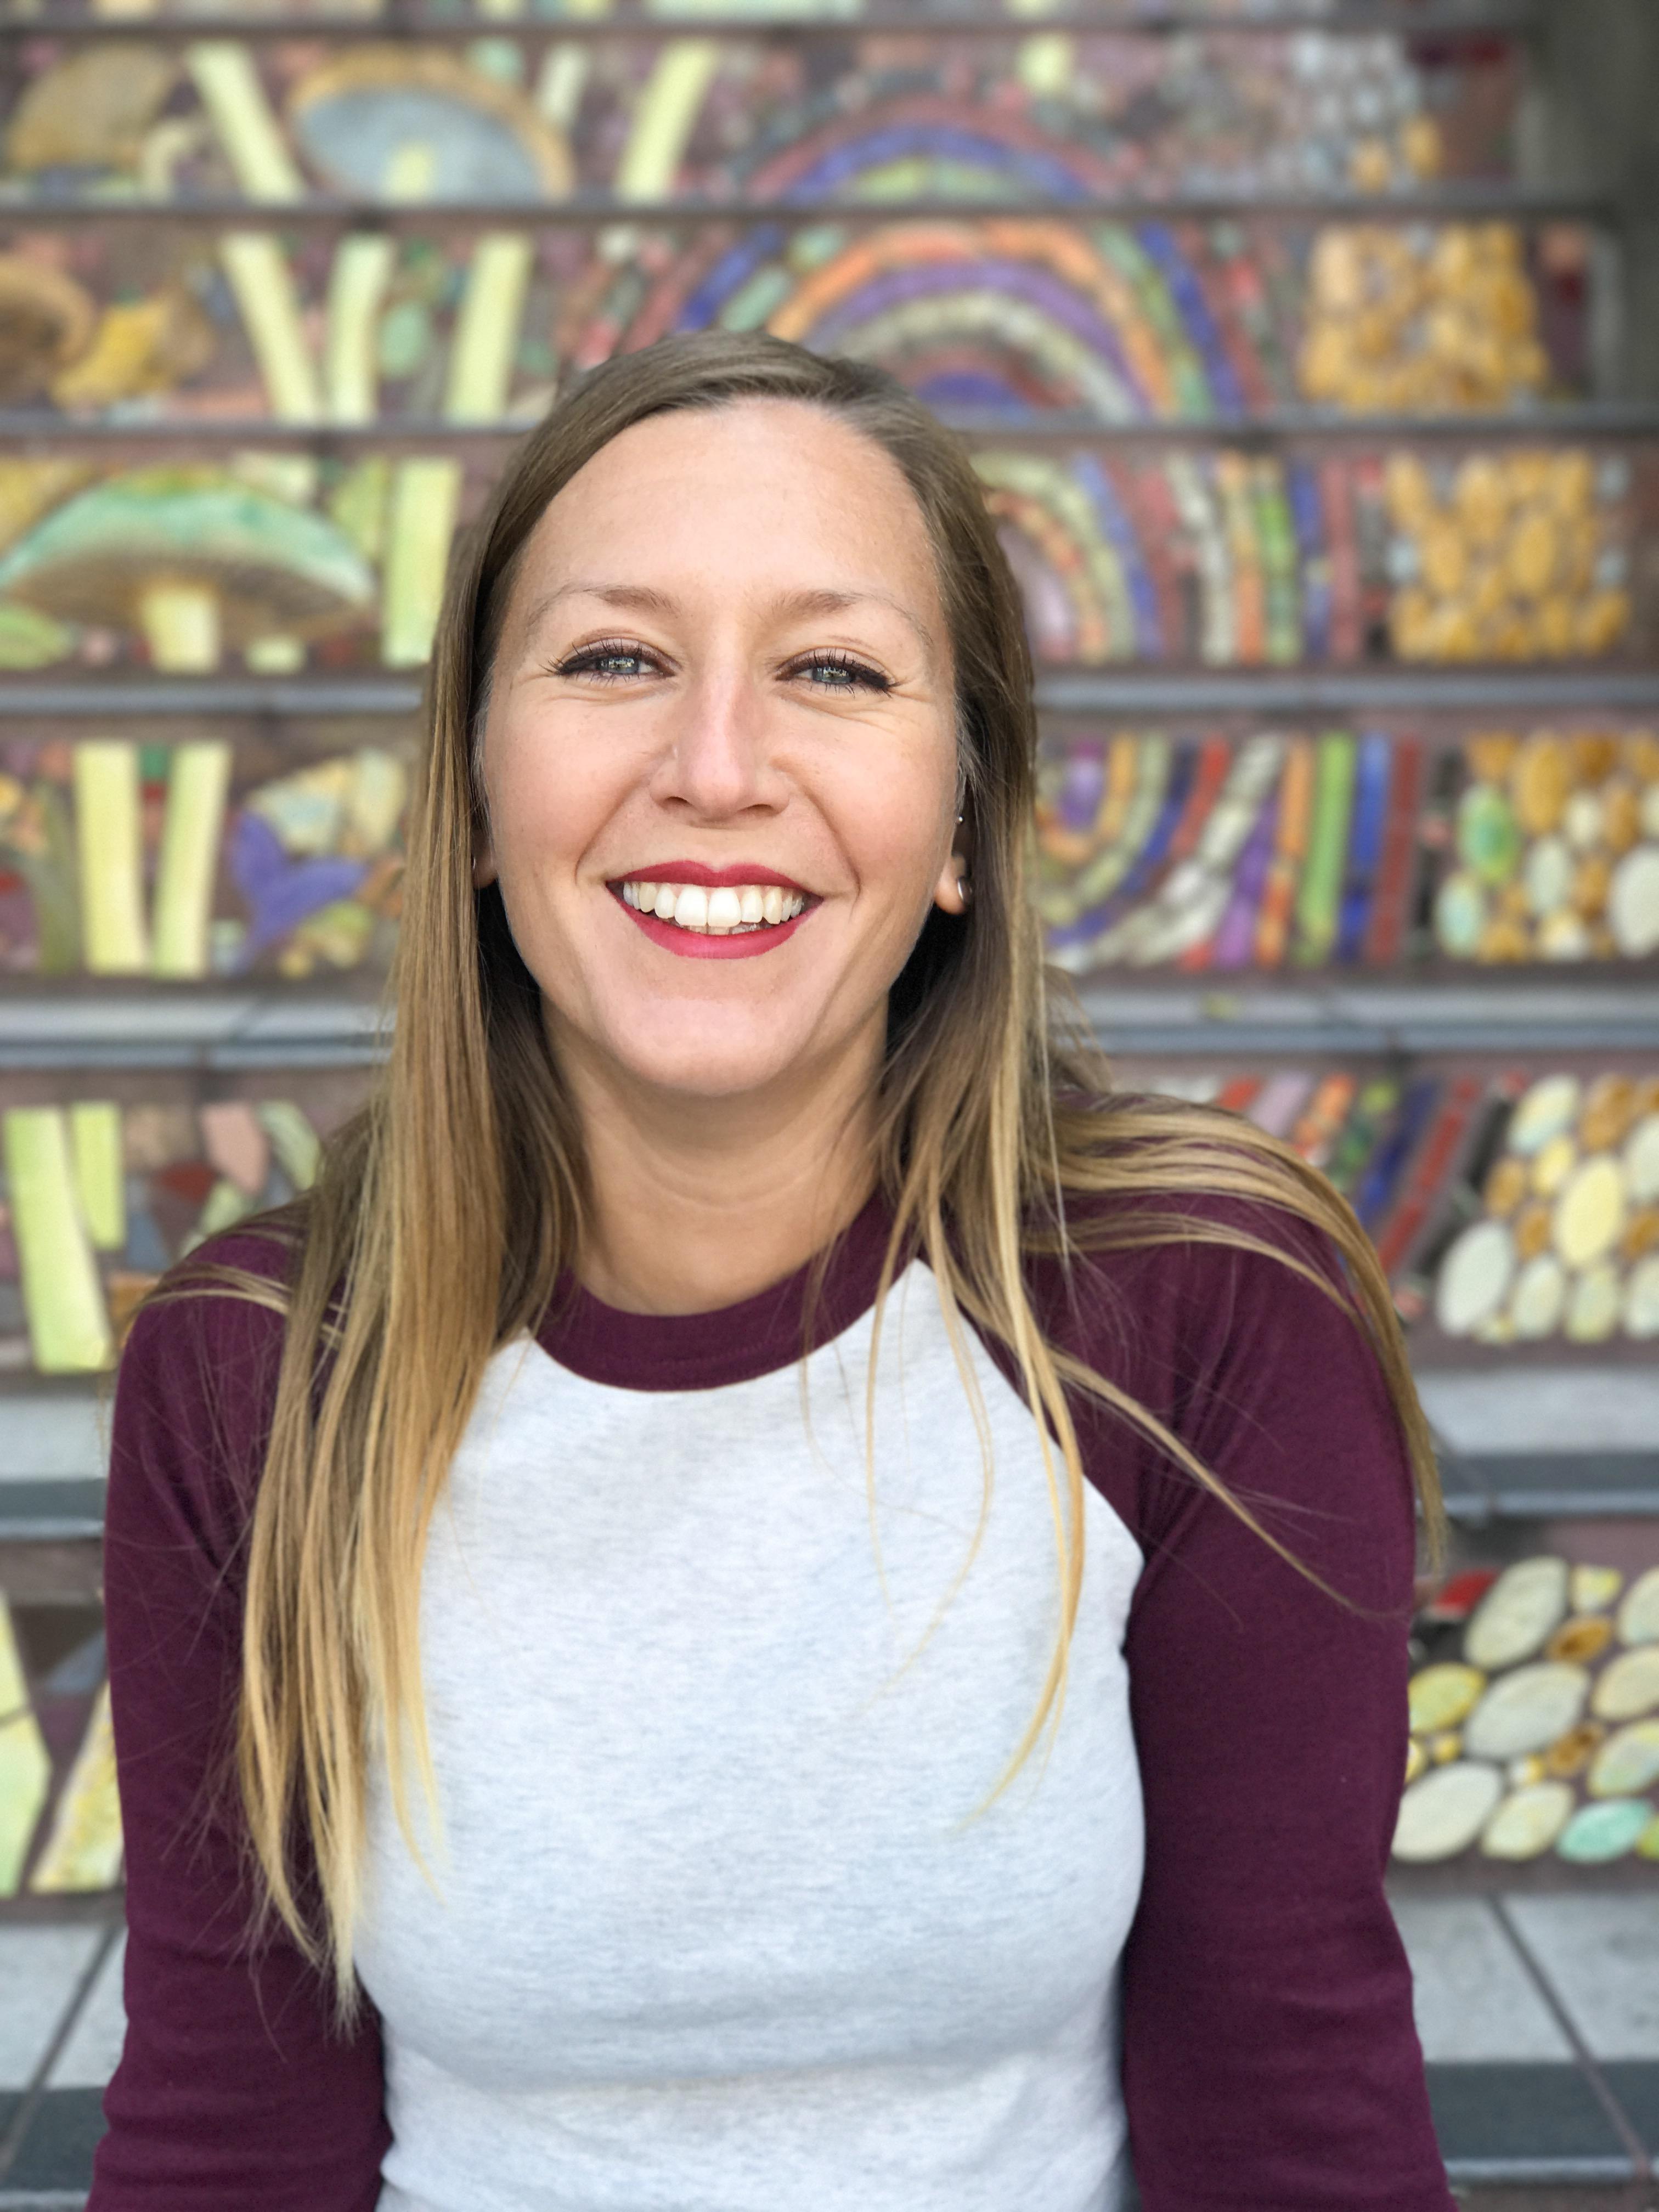 Contacto Irene Come Vive Viaja Blog de Recetas saludables y recetas